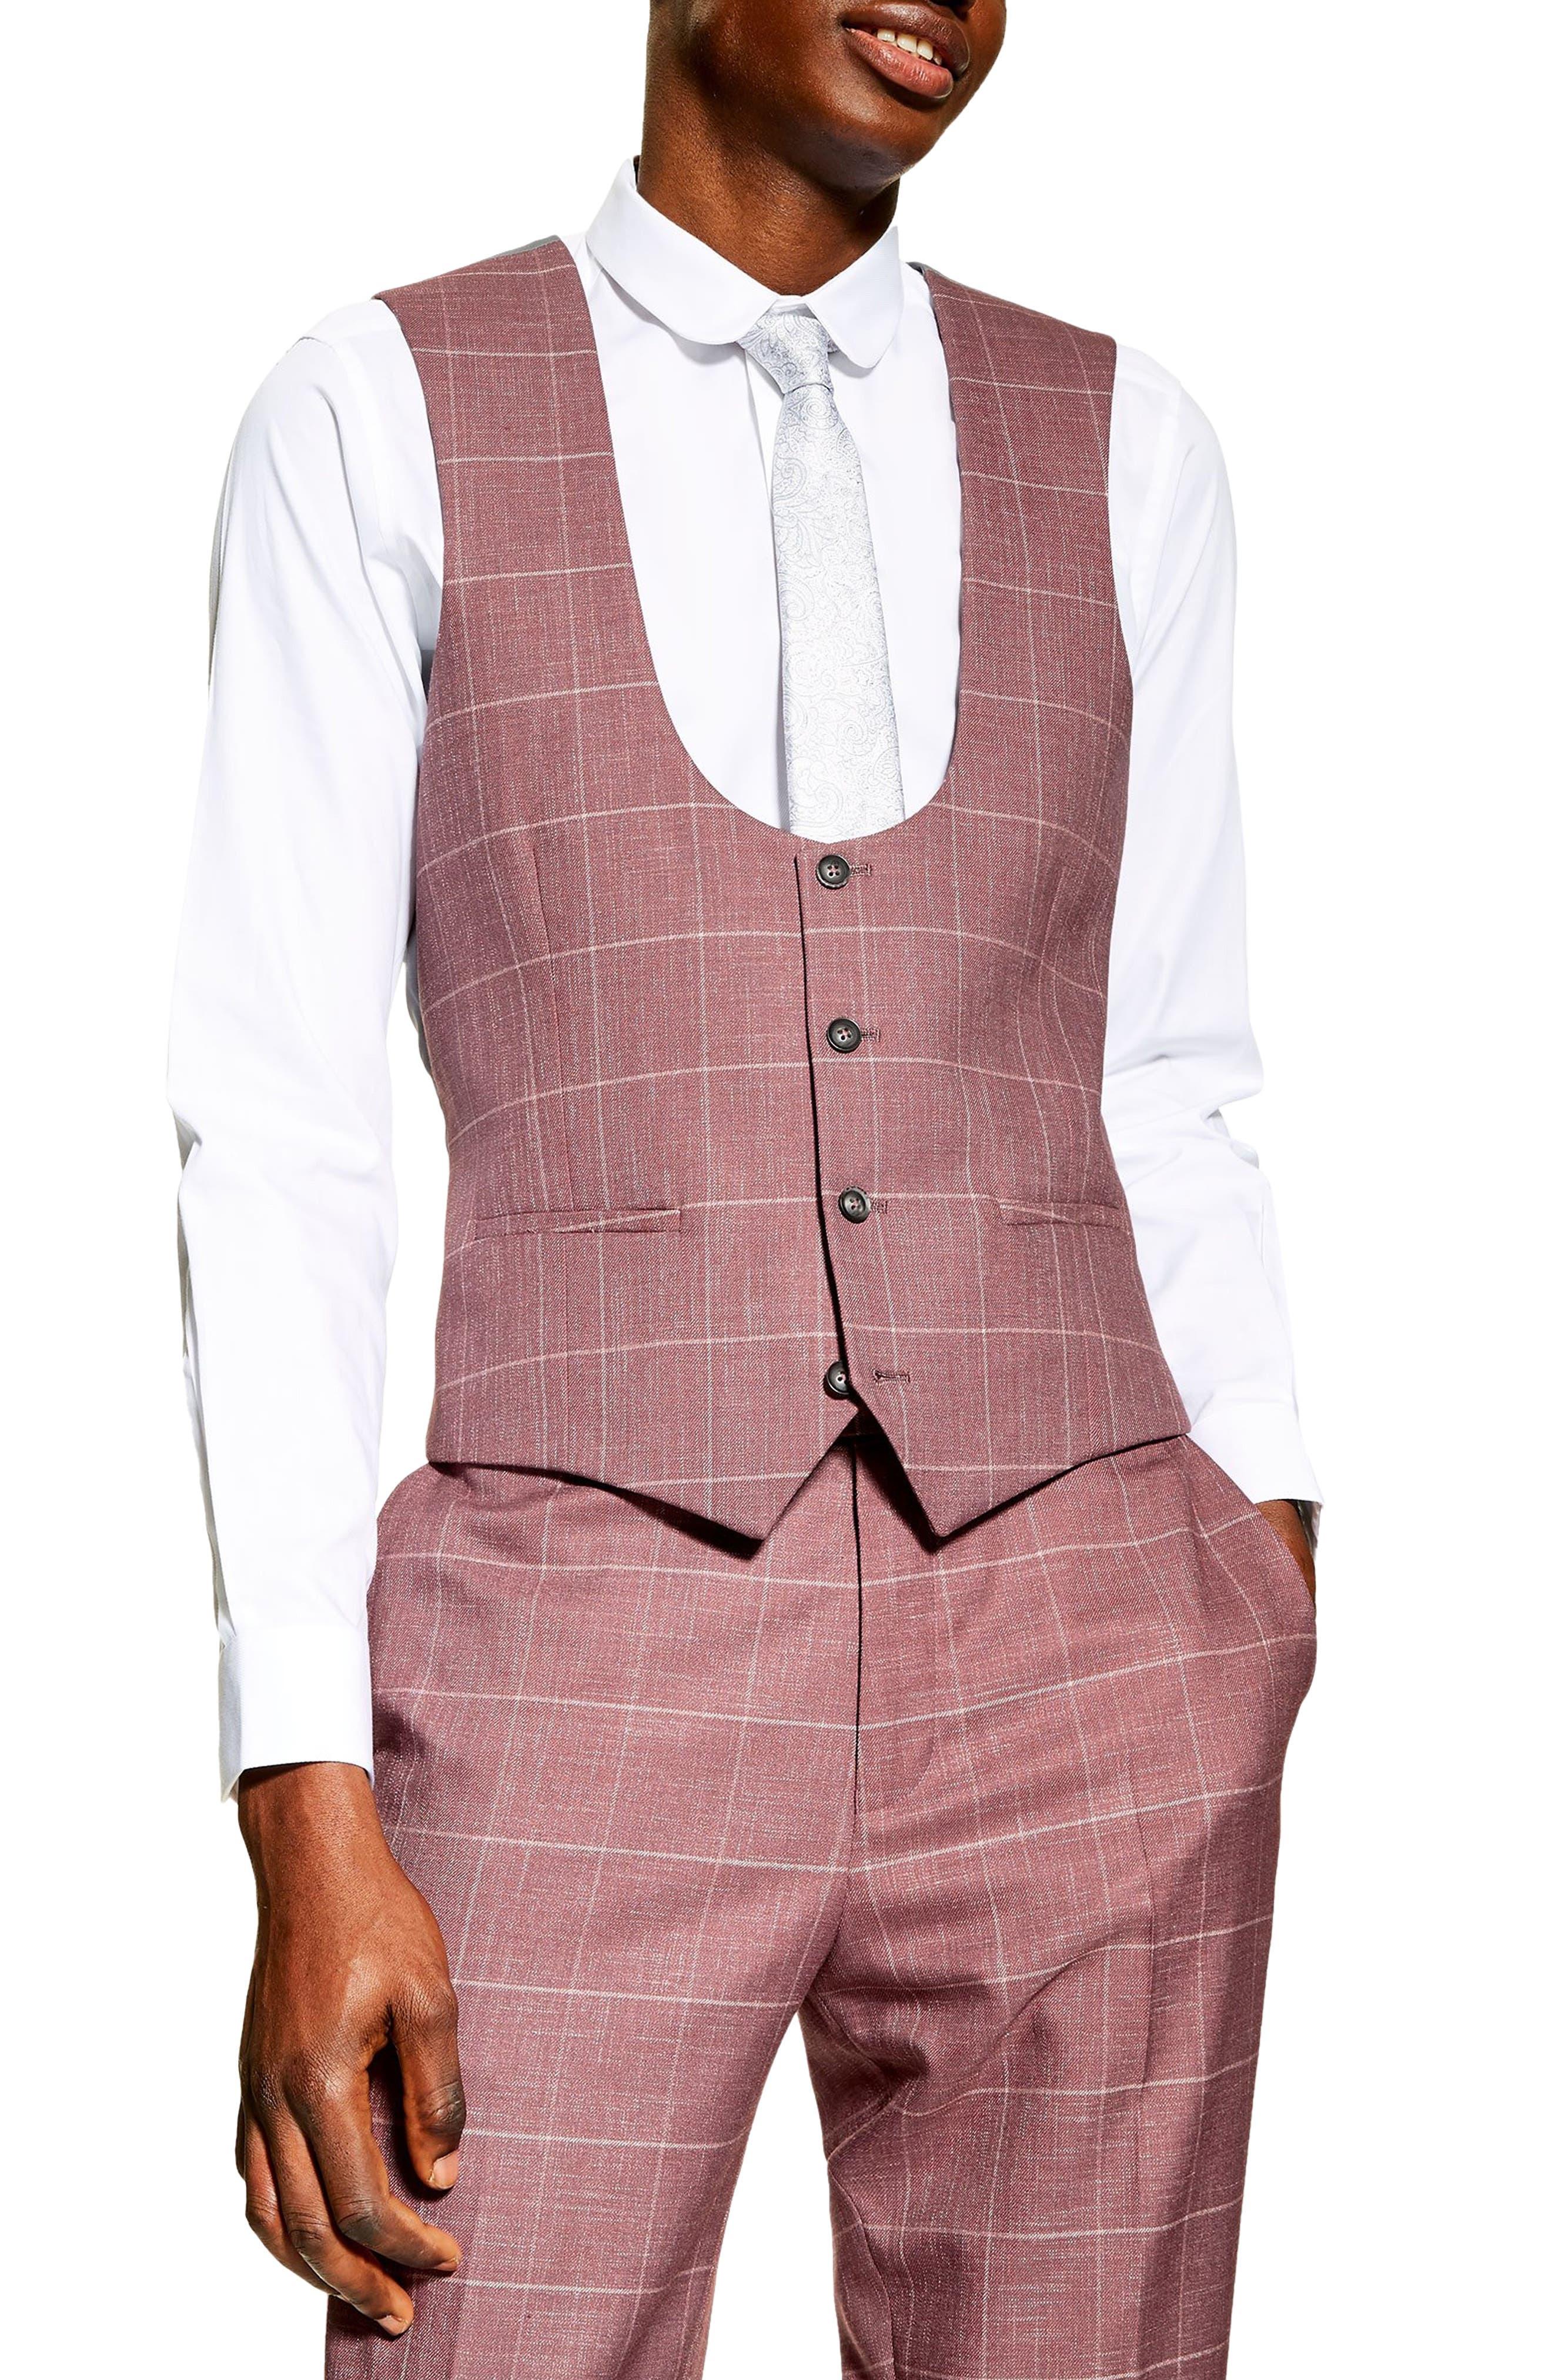 VestsNordstrom Mens VestsDress Suit VestsDress Mens Suit Topman Topman n8kXN0OPw